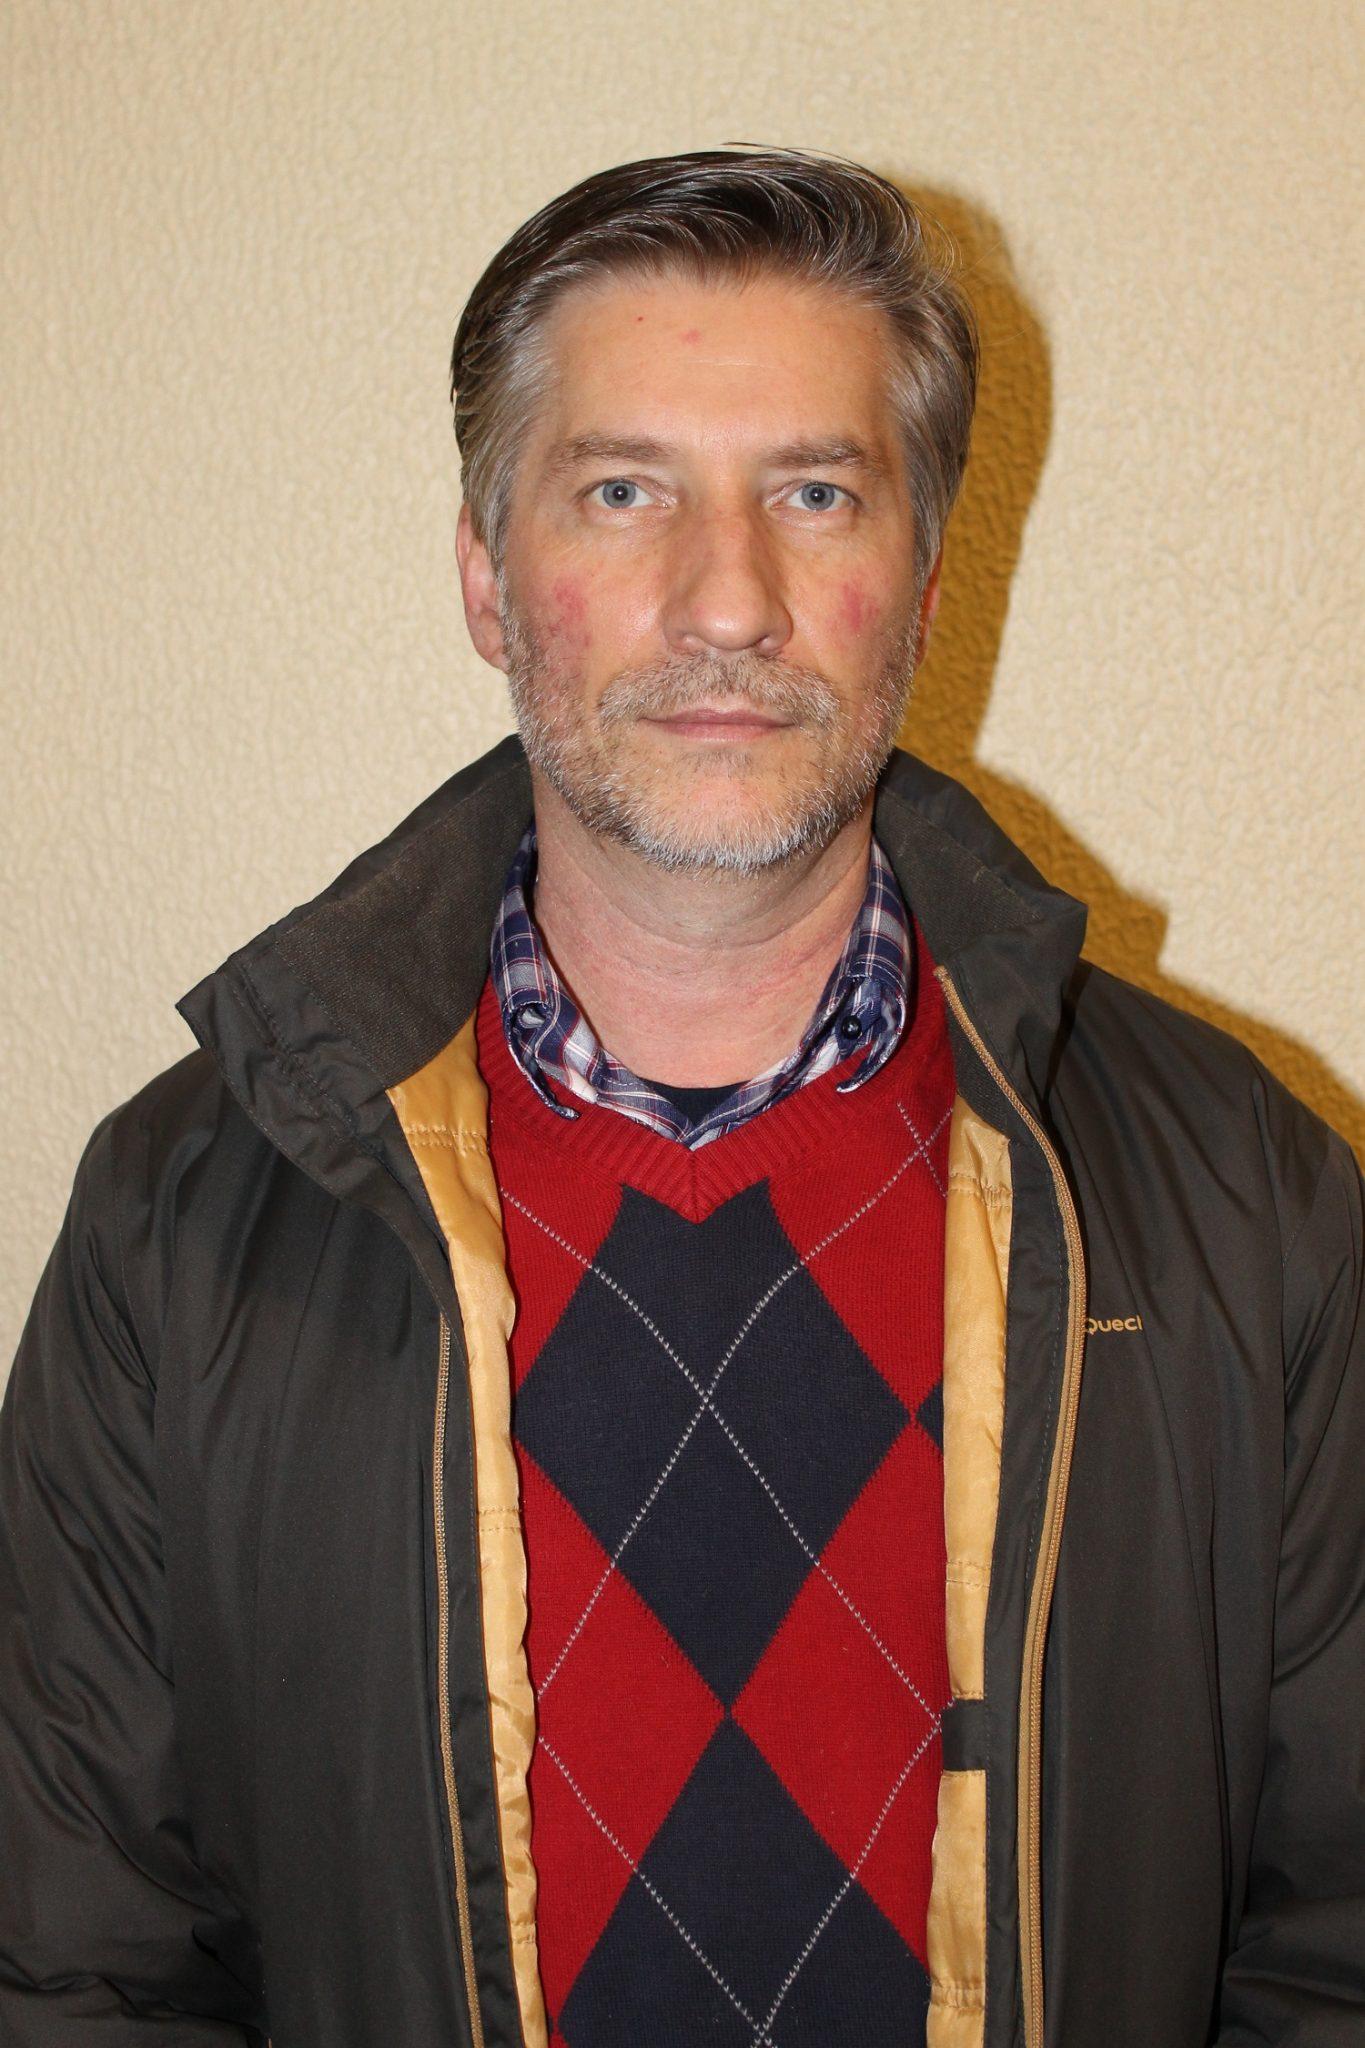 Eduardo Feistauer